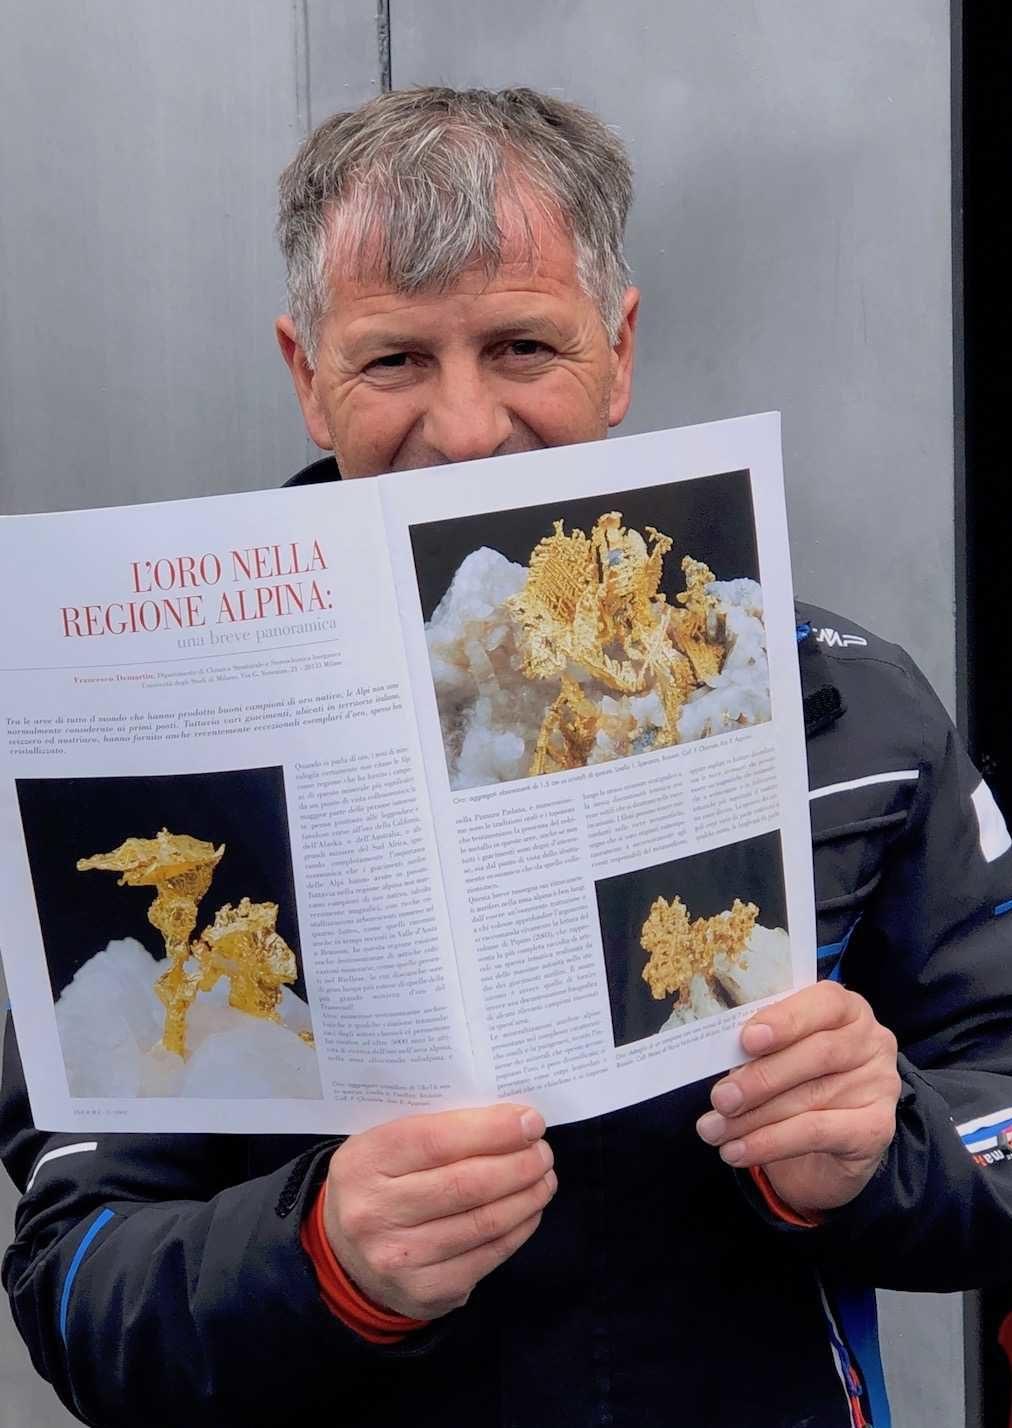 miniera-intervista-sull'-oro